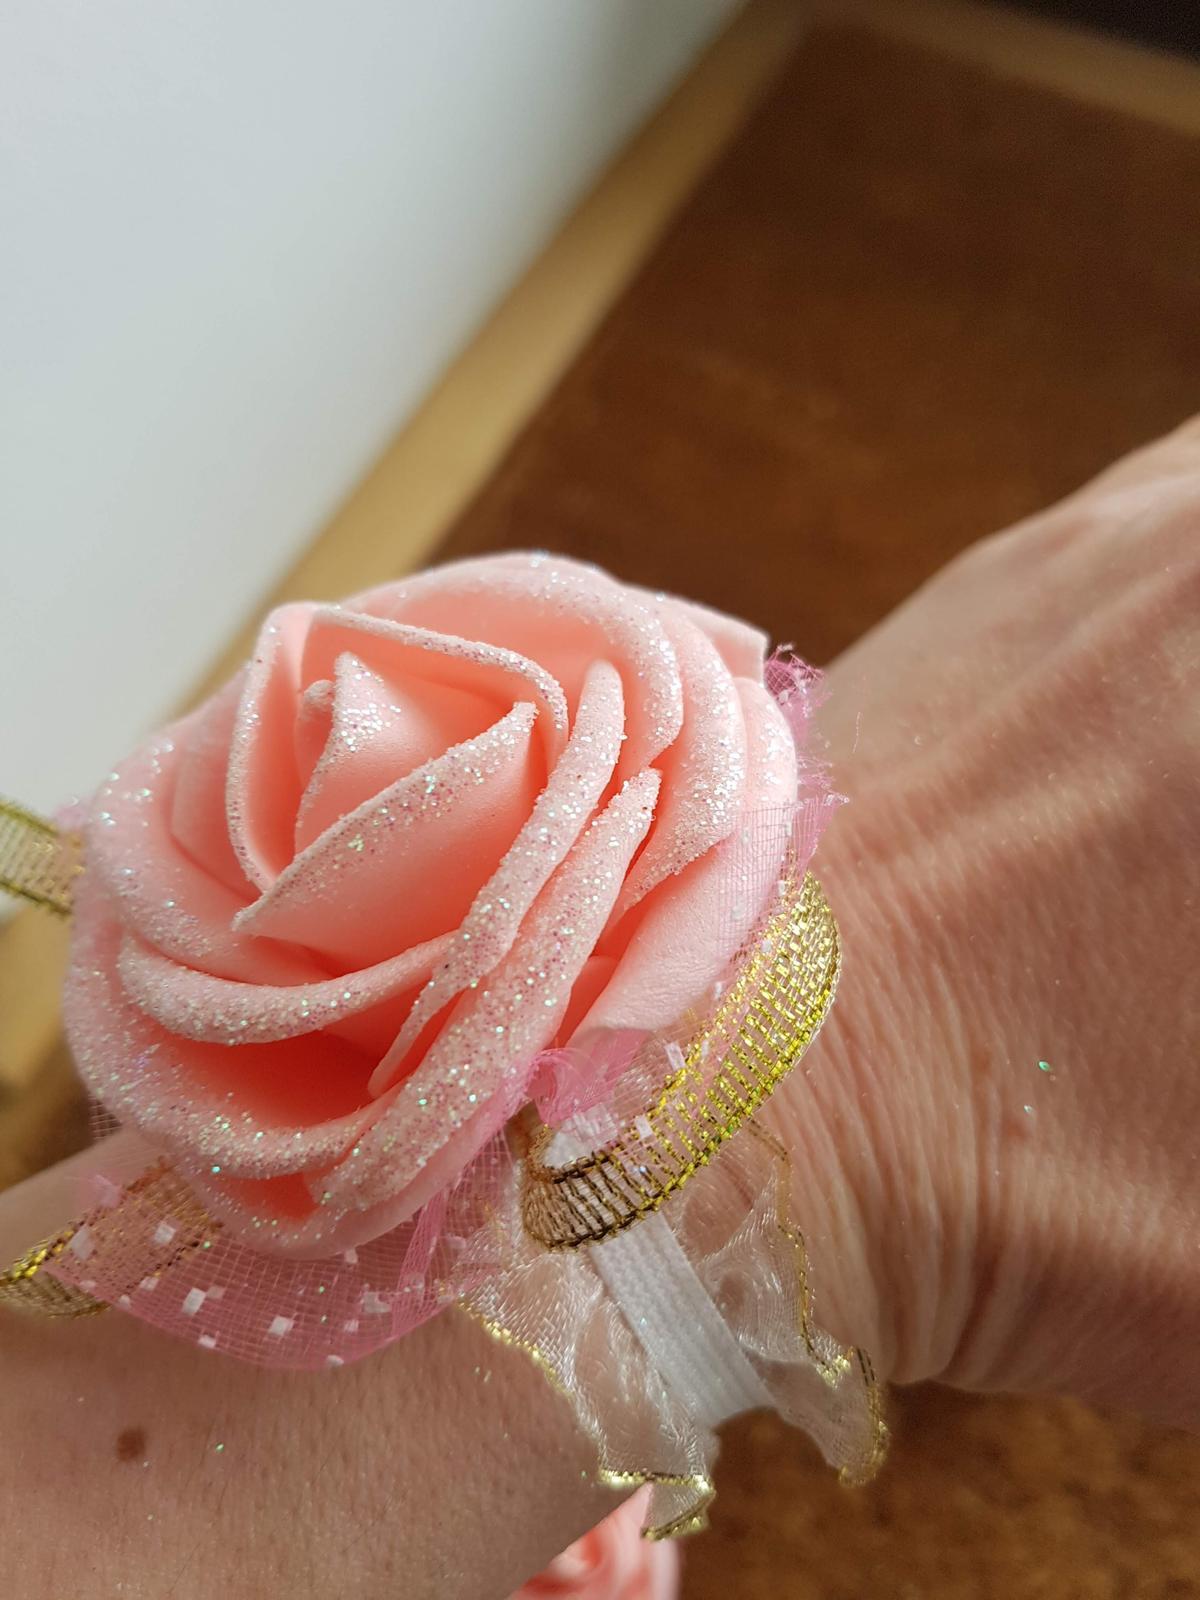 Družičky na ruku květy, do vlasů - Obrázek č. 1